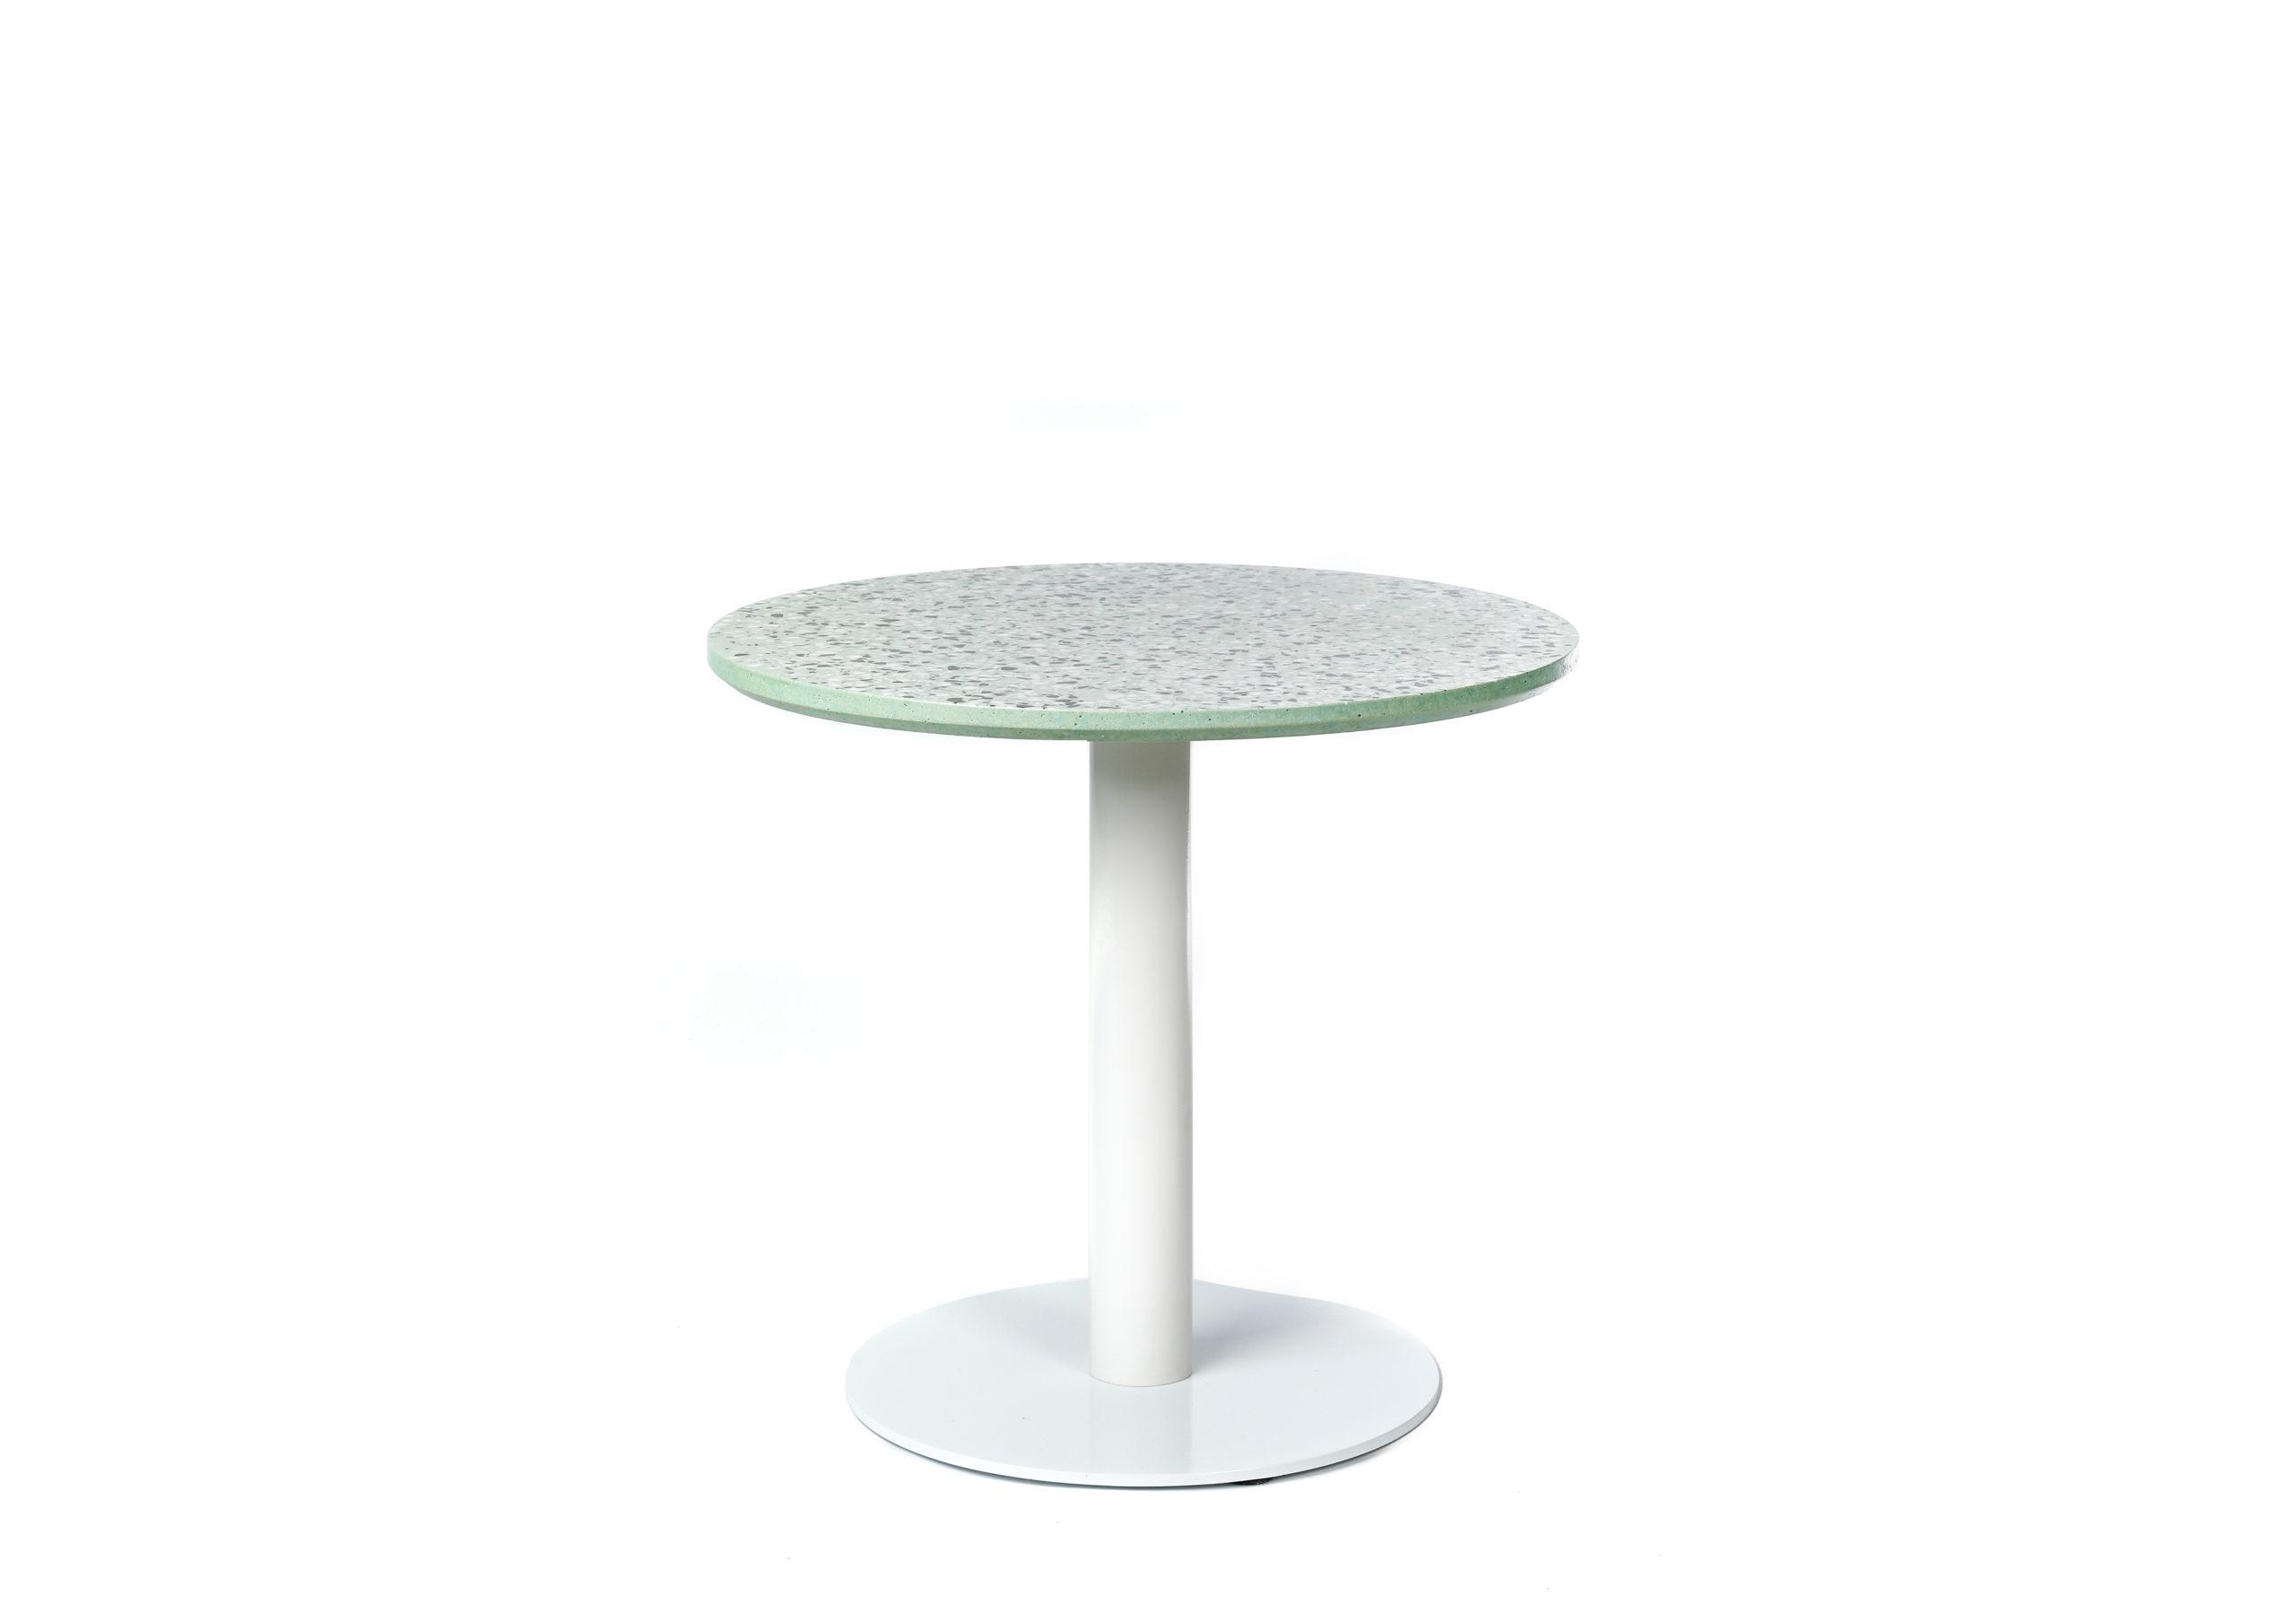 terrazzo-vert-table-bentu-design-2